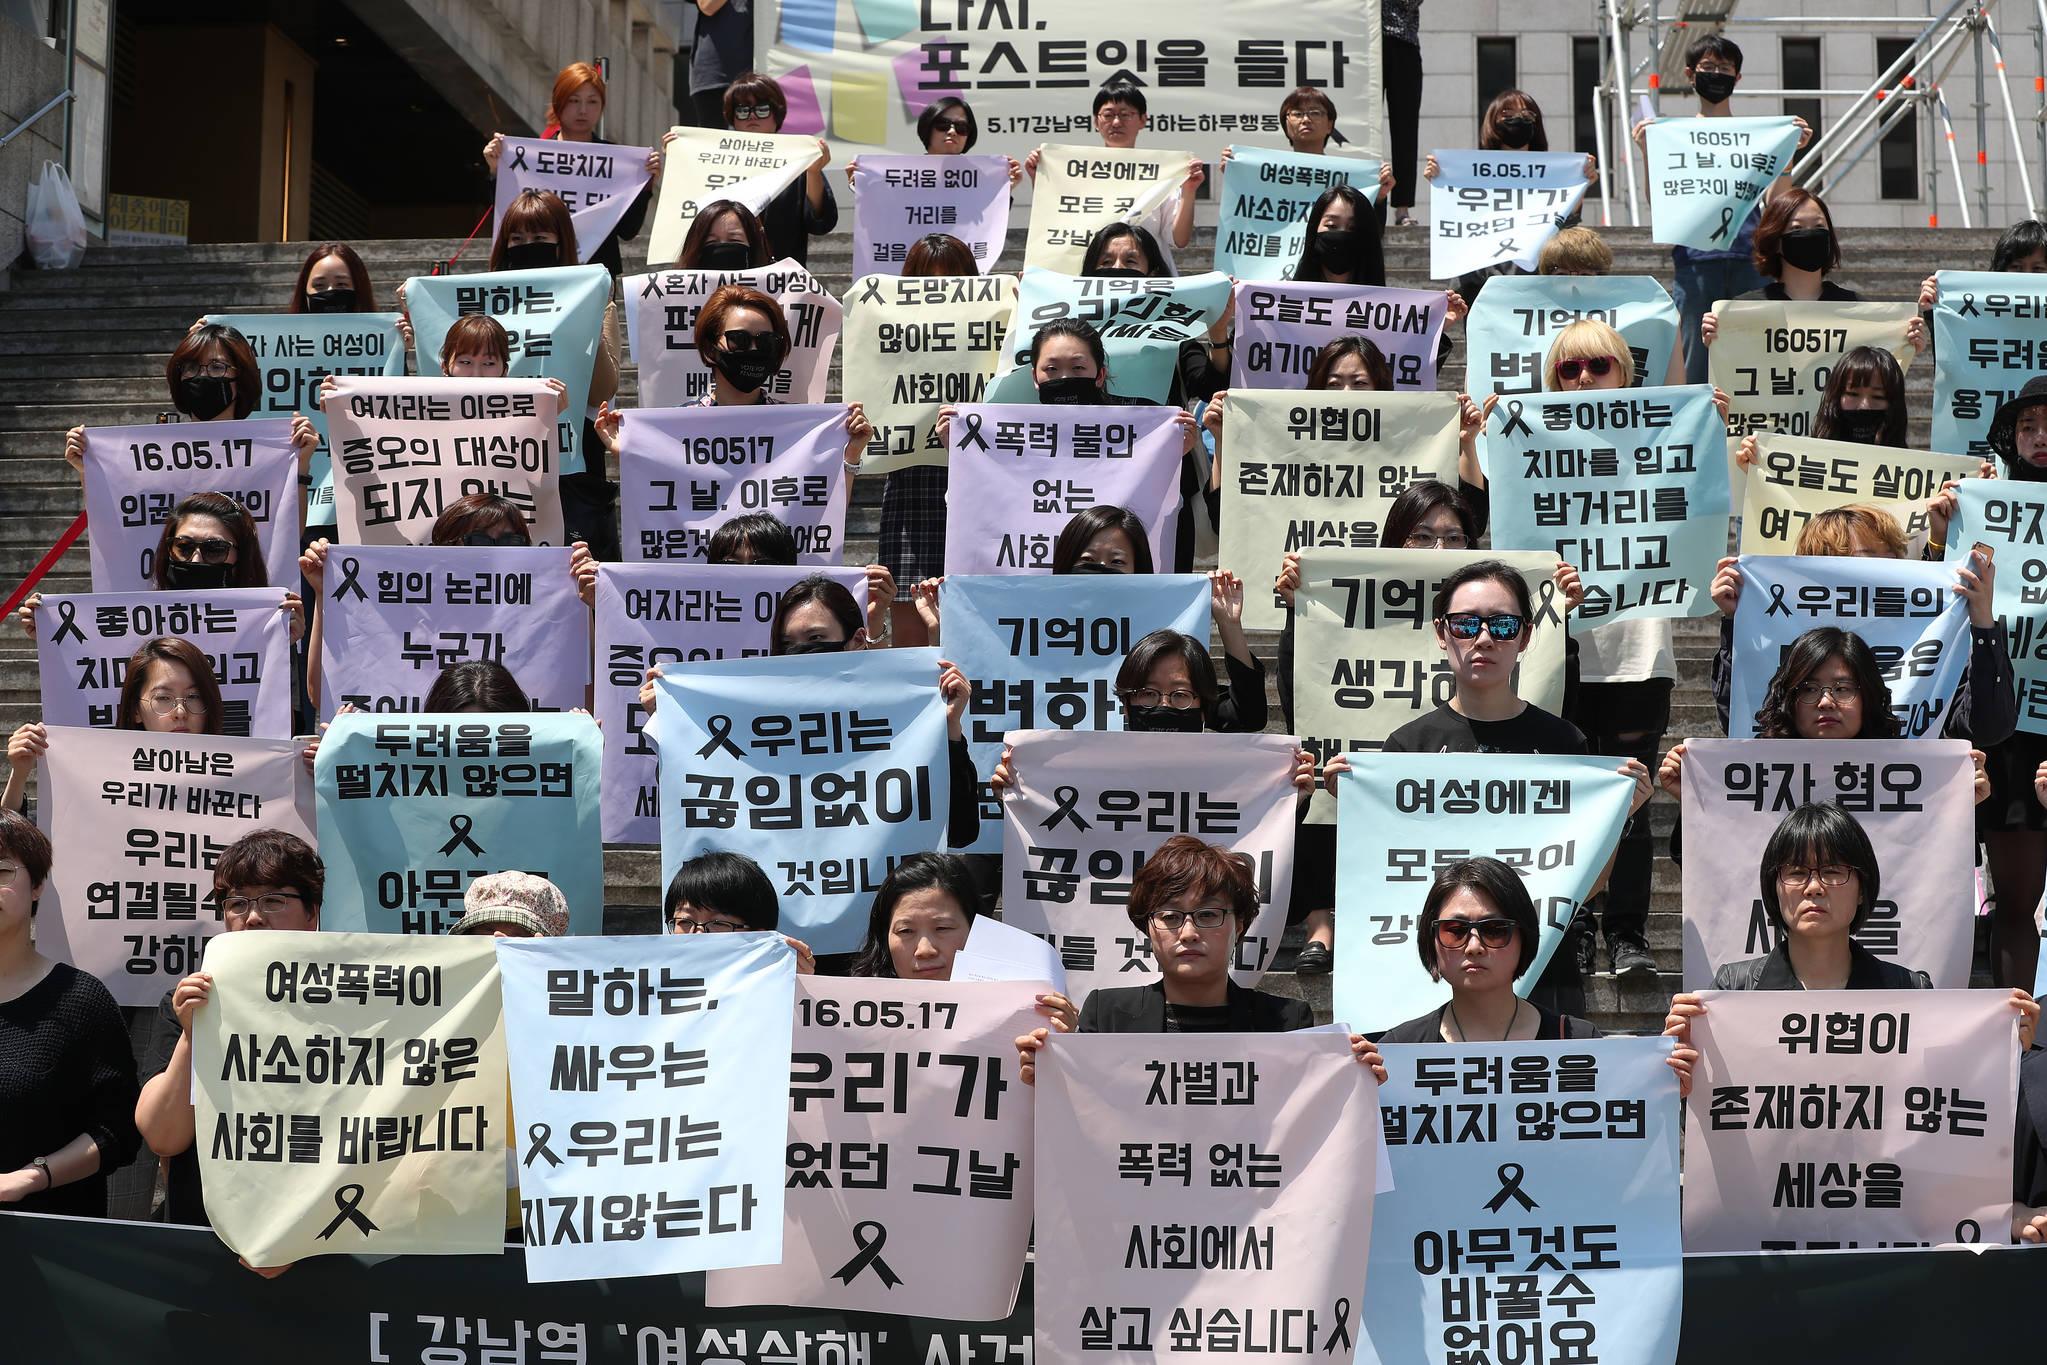 ) 17일 오후 서울 종로구 세종문화회관 계단에서 열린 '강남역 여성살해 사건 1주기' 기자회견에서 참석자들이 피해여성을 추모하고 여성폭력을 규탄하는 내용의 글이 적힌 포스트잇모양의 천을 들어보이고 있다.우상조 기자